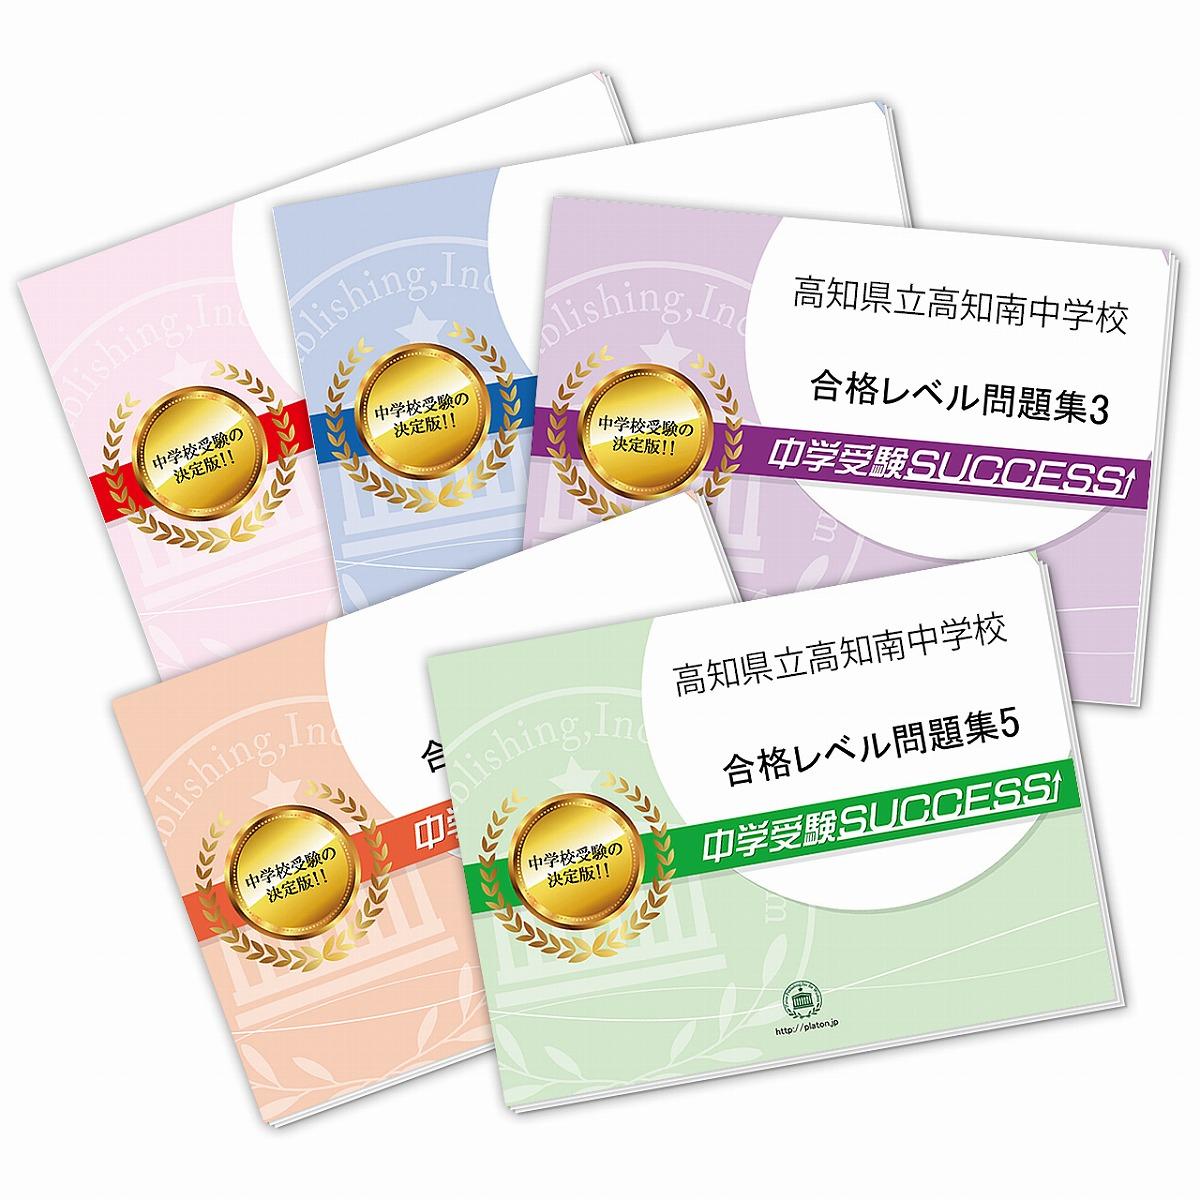 【送料・代引手数料無料】高知県立高知南中学校・直前対策合格セット(5冊)